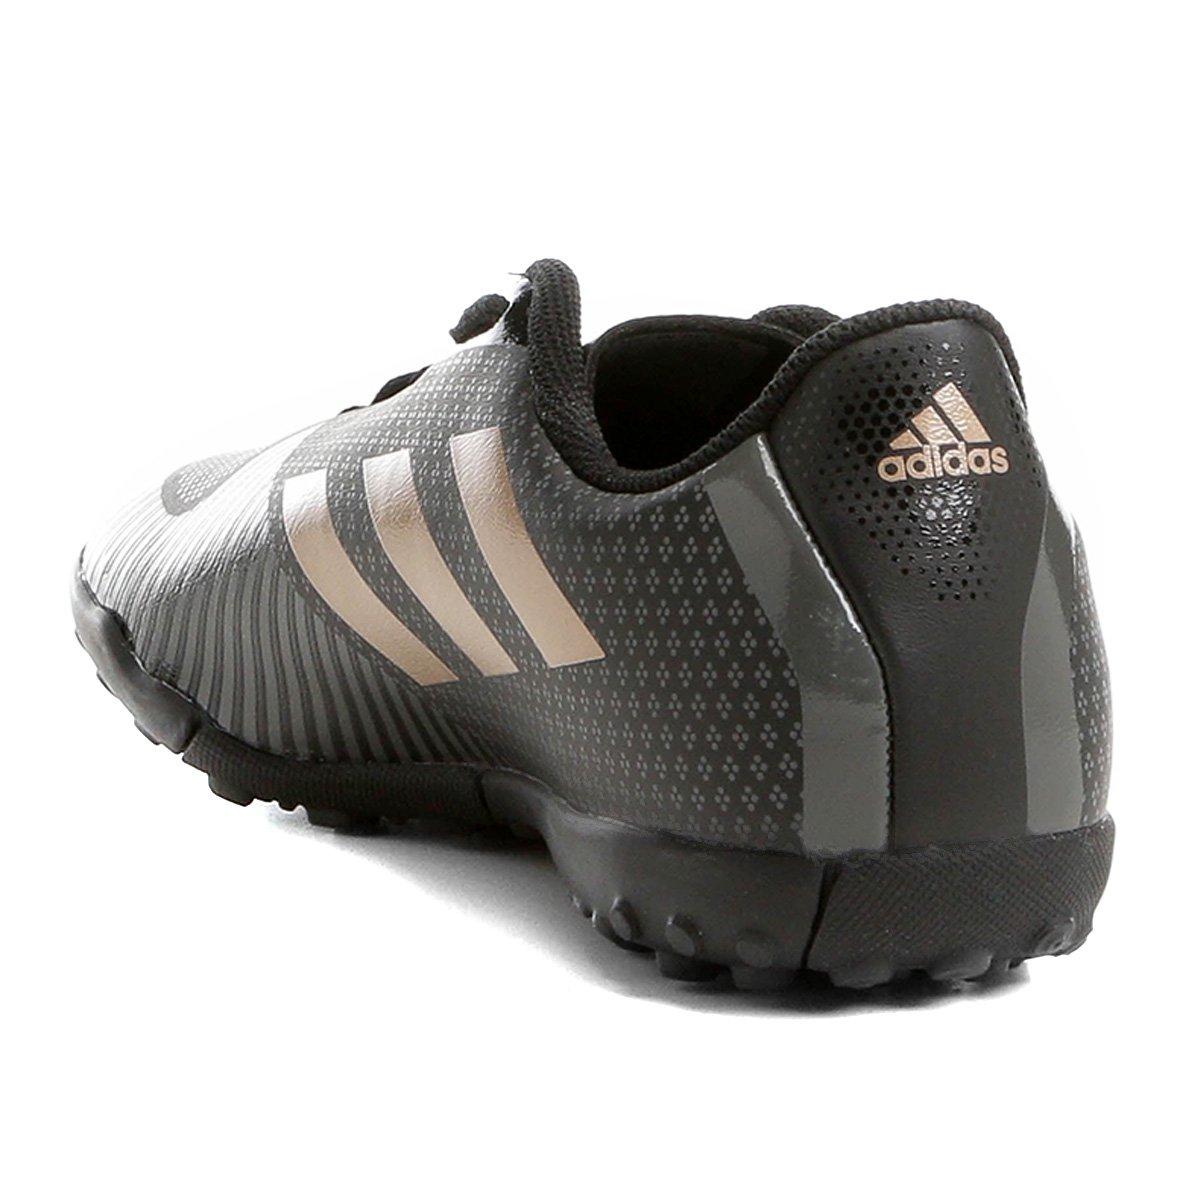 Chuteira Society Infantil Adidas Artilheira 18 TF - Compre Agora ... 483120af4f171